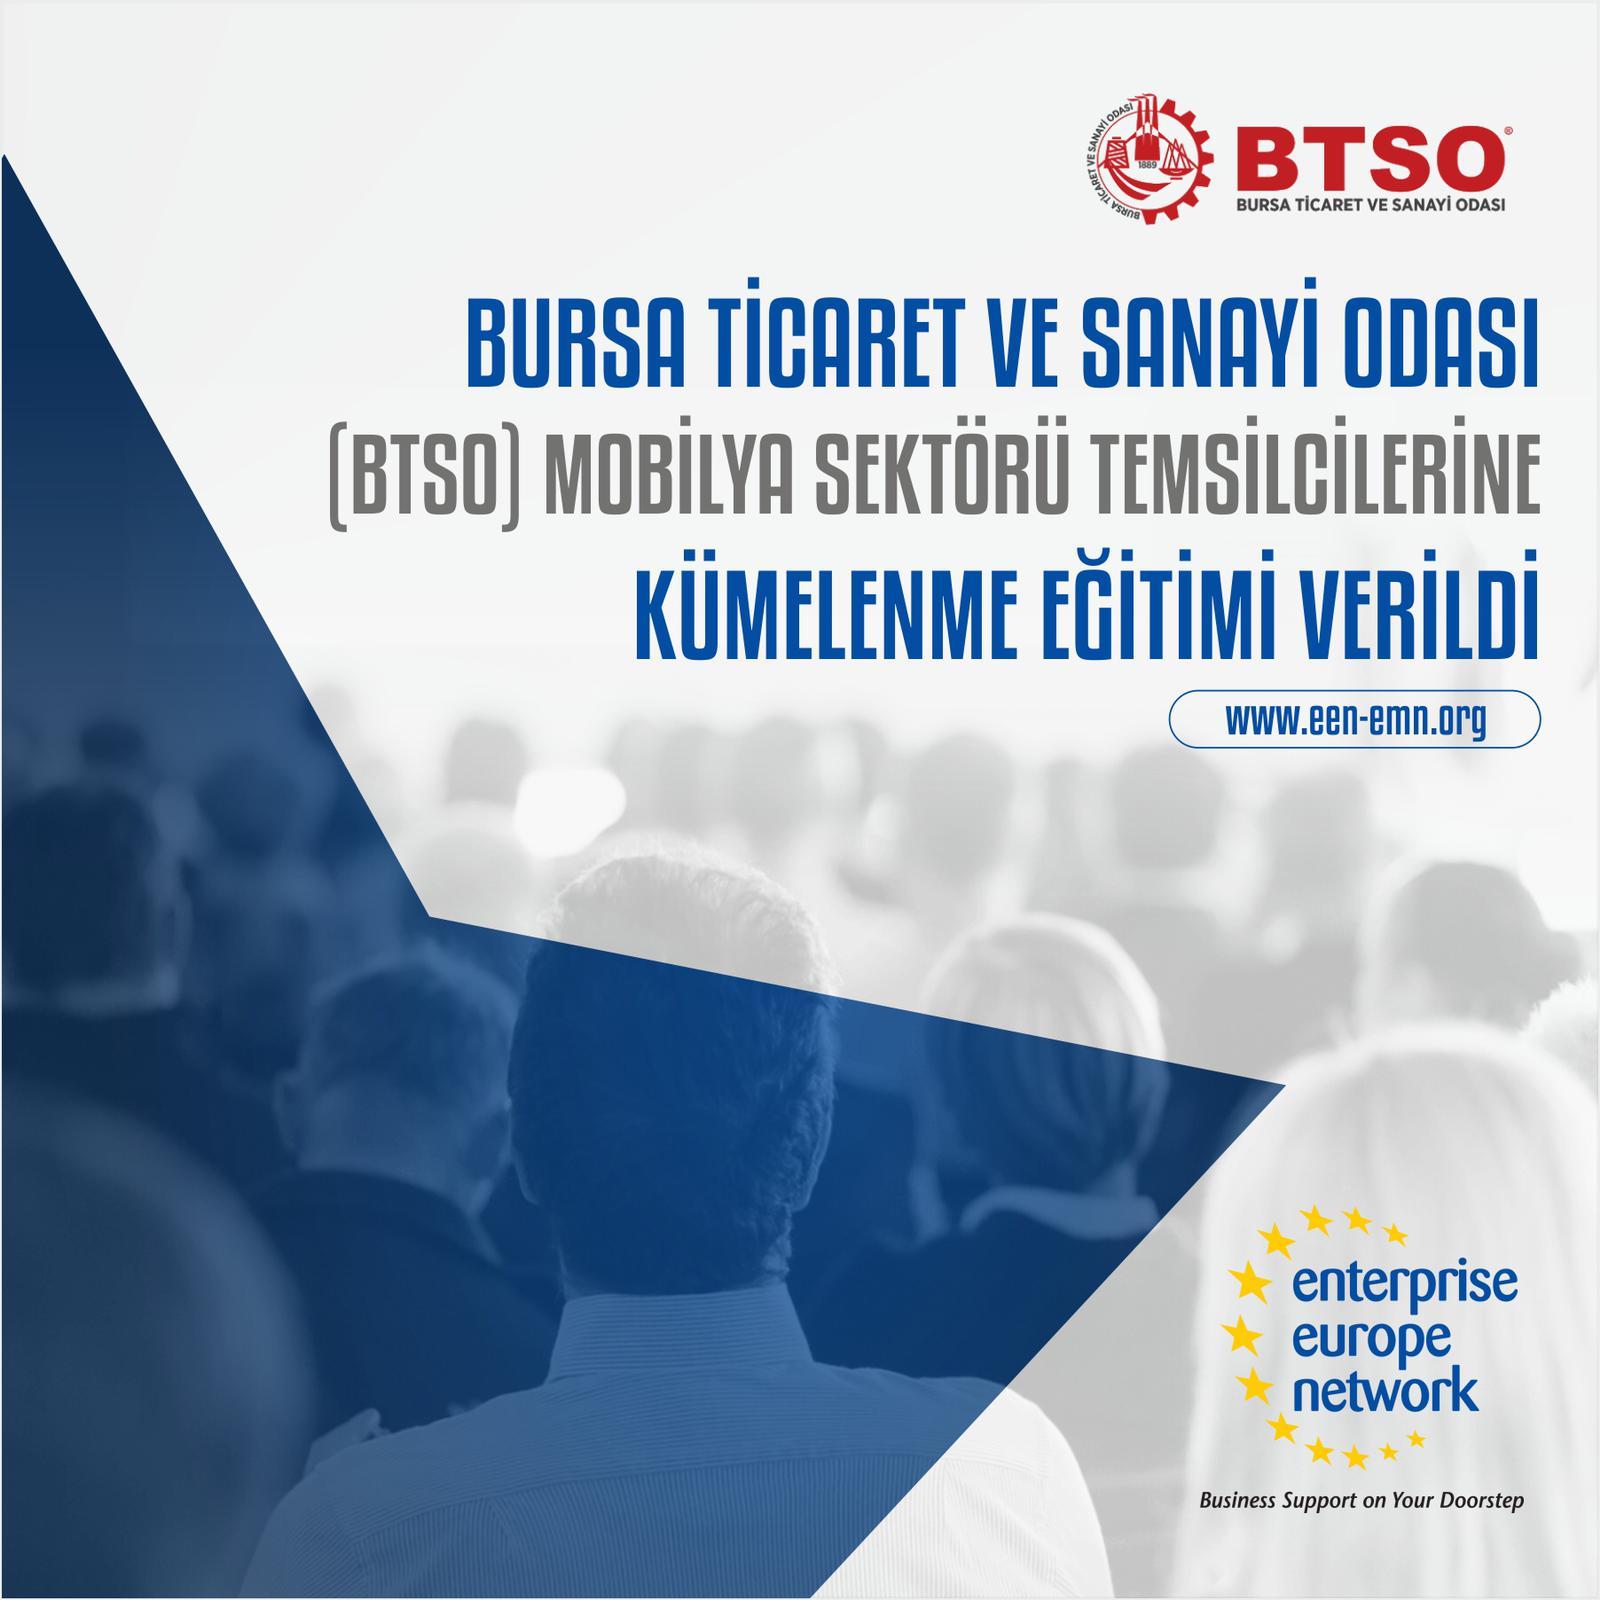 Bursa Ticaret ve Sanayi Odası (BTSO) Mobilya Sektörü Temsilcilerine Kümelenme Eğitimi verildi.